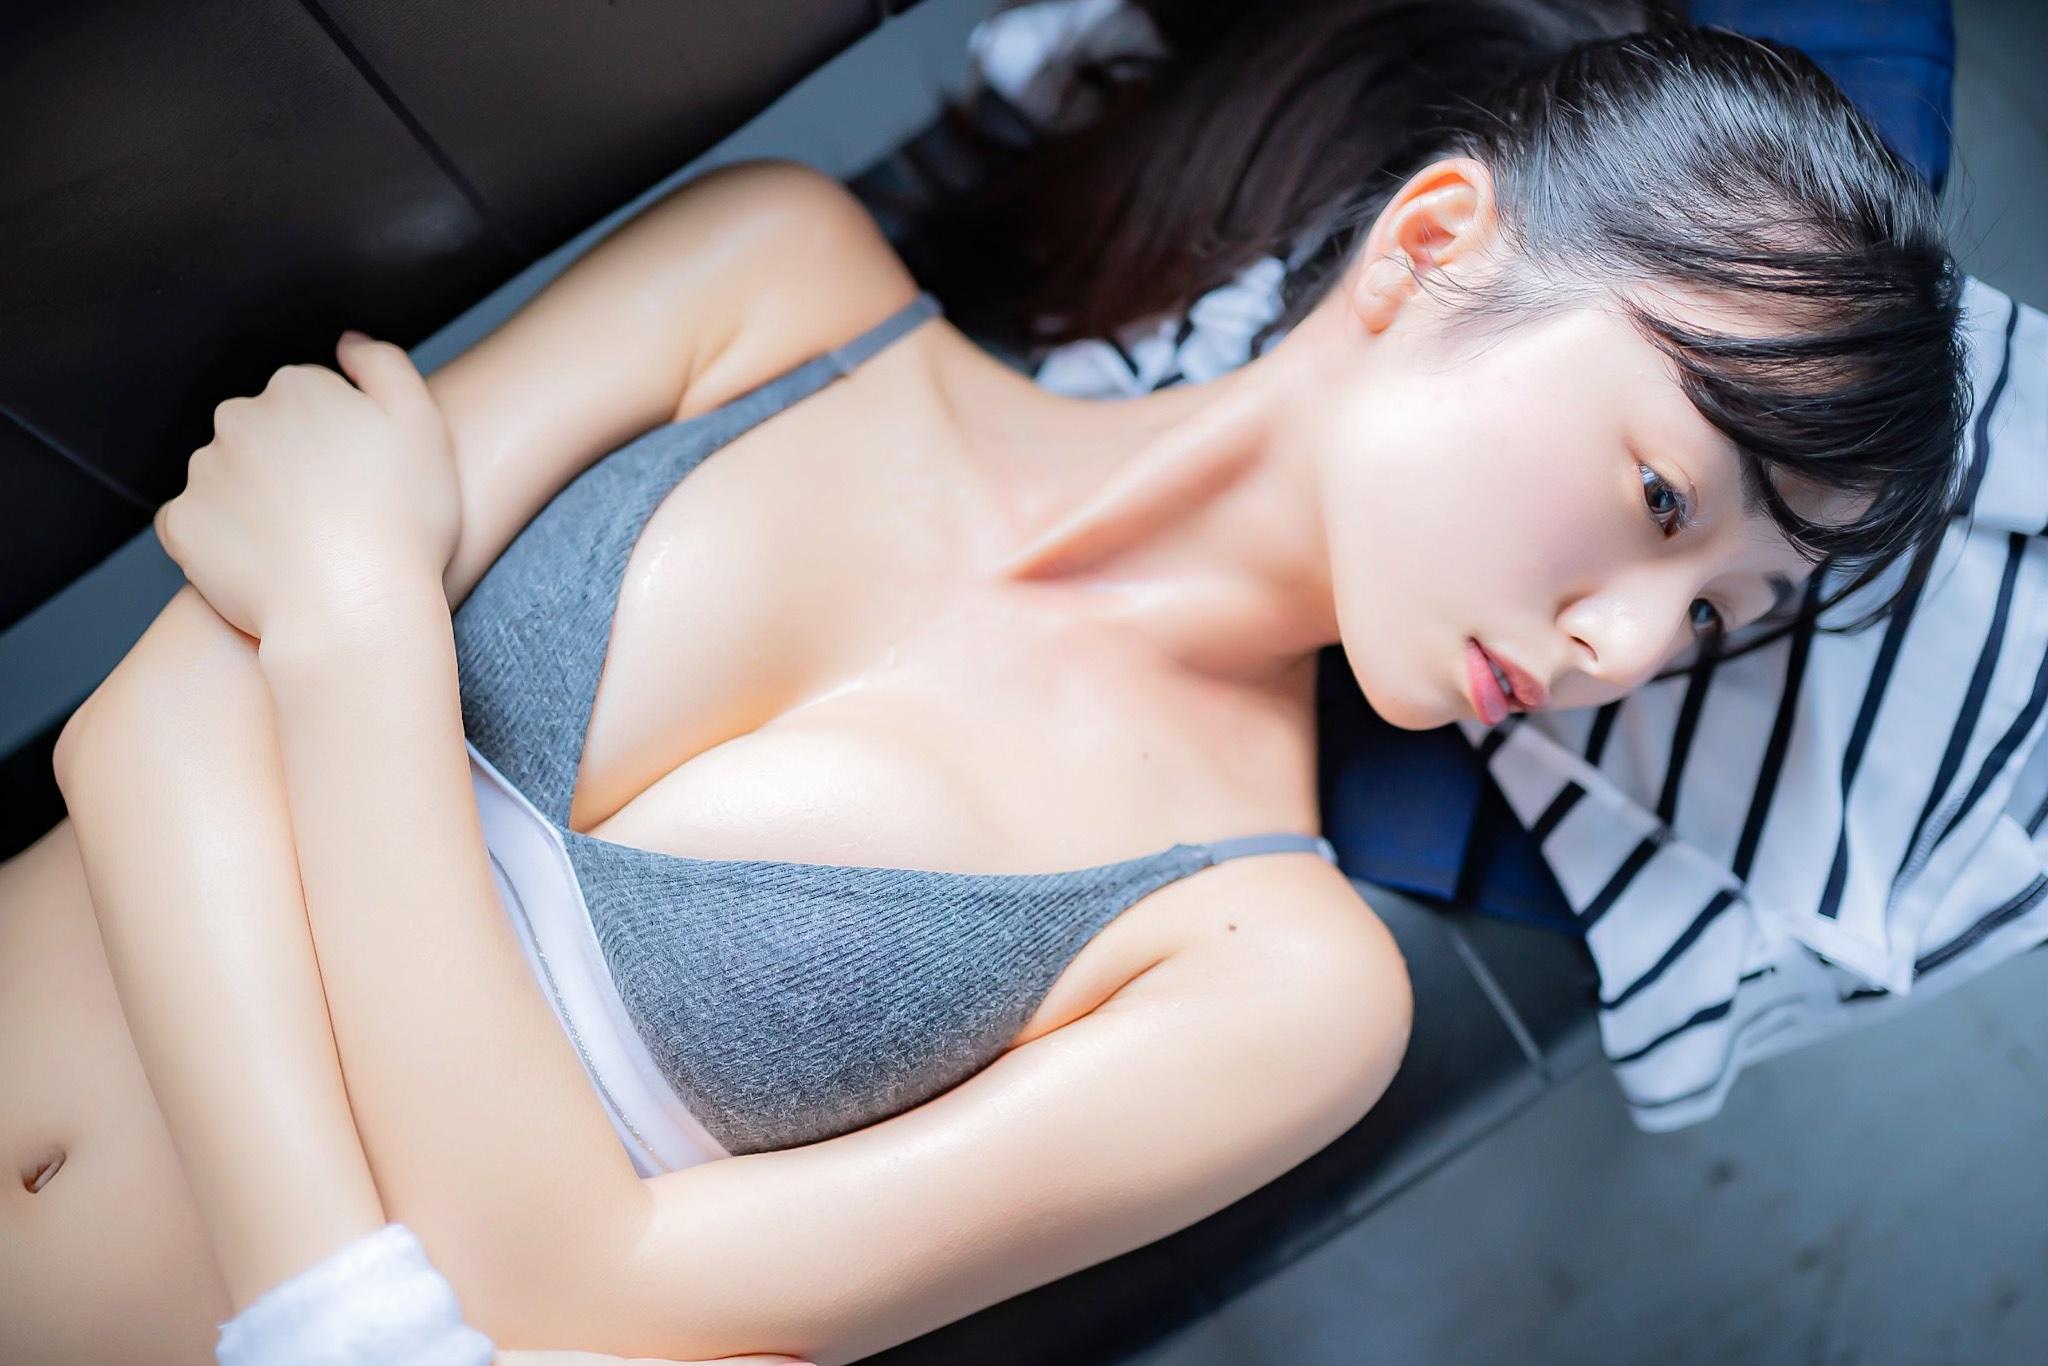 enako再临成都刀剑加奶茶Saku胸器新刊即将发售-COS精选一百一十一弹